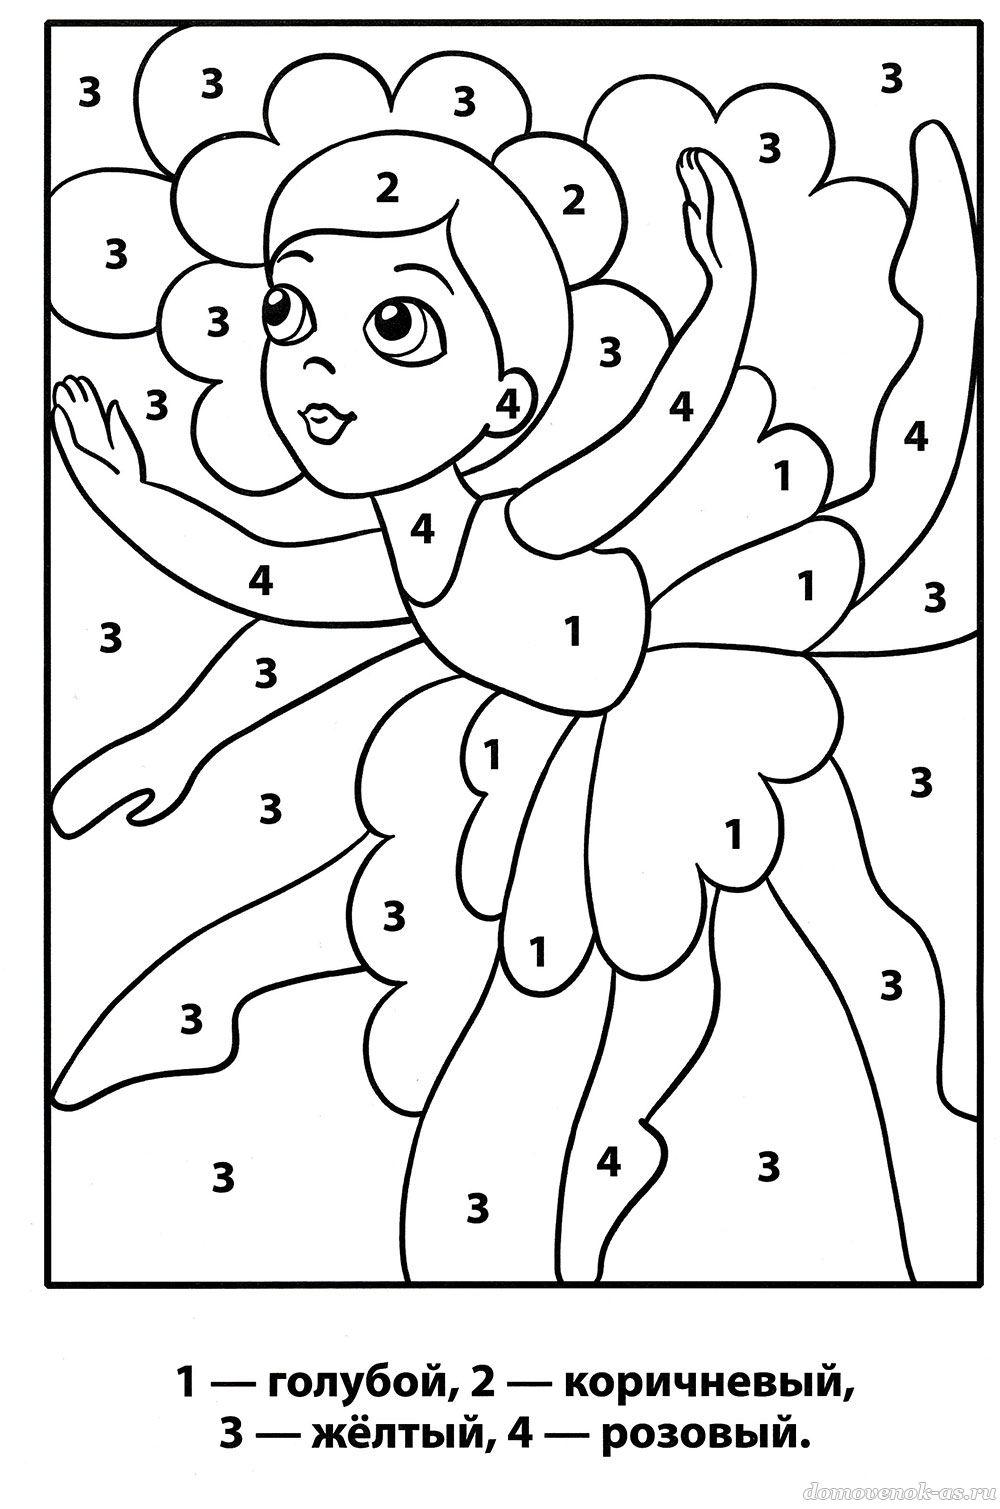 Игры для малышей раскраски с номерами